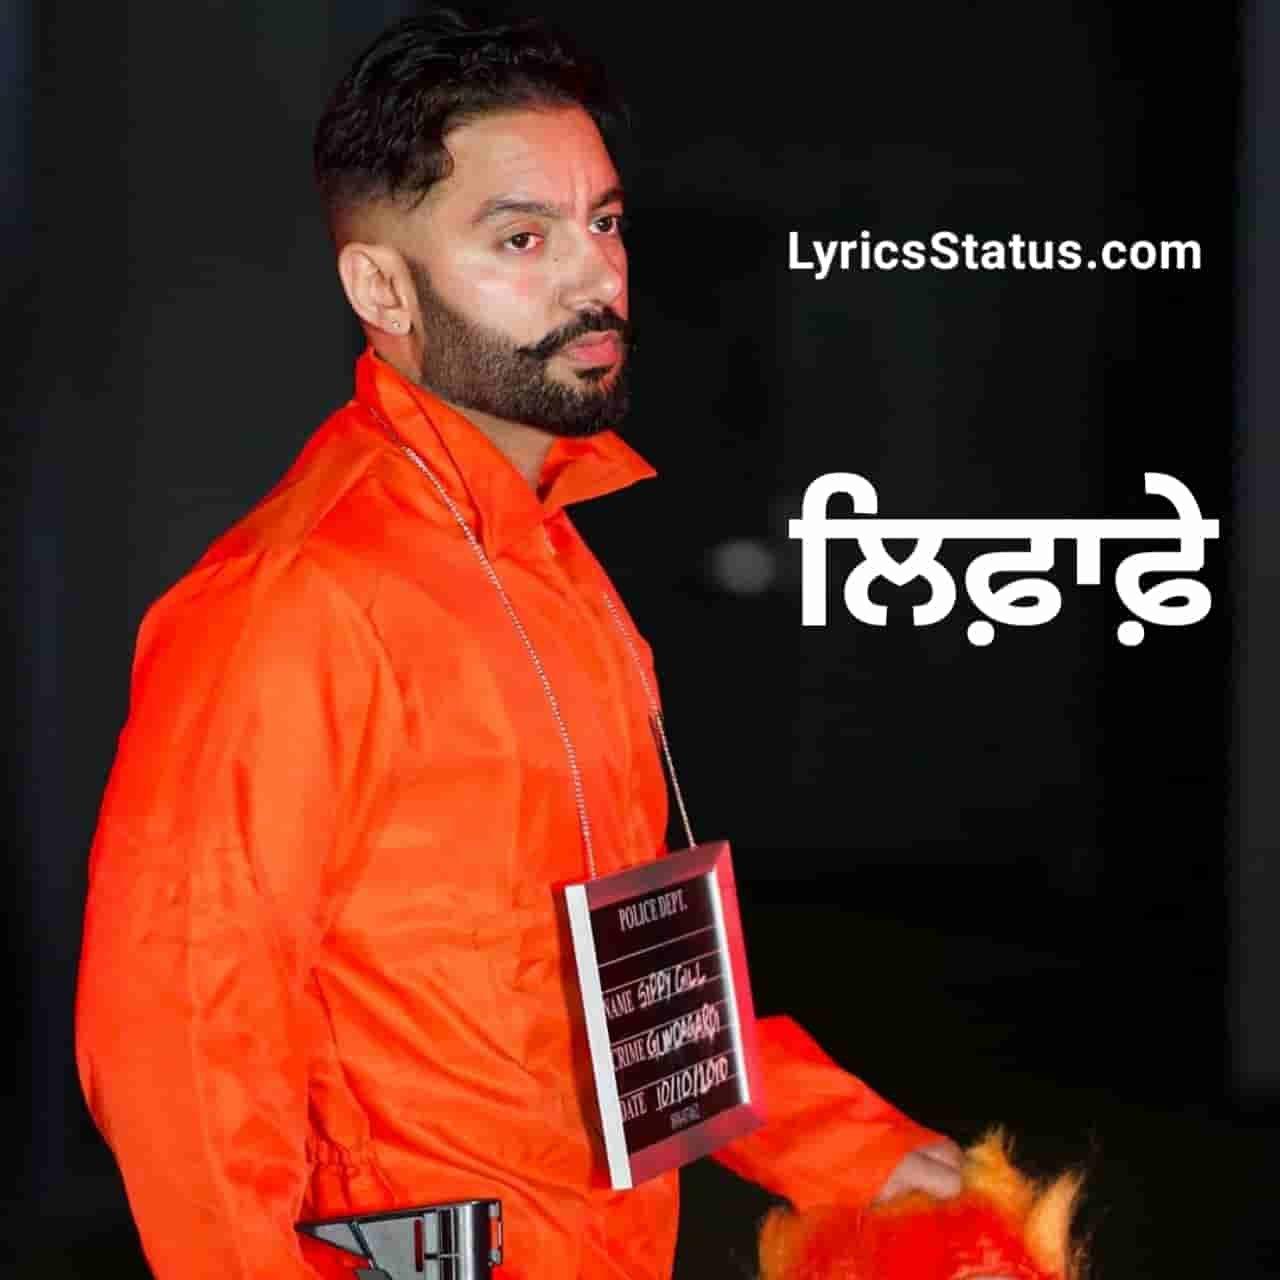 Shipra Goyal Lifafe Sippy Gill Lyrics Status Download Punjabi song Jehda saade doha de vichale aa giya Hall ohda hona ae gadaafi wargastatus video